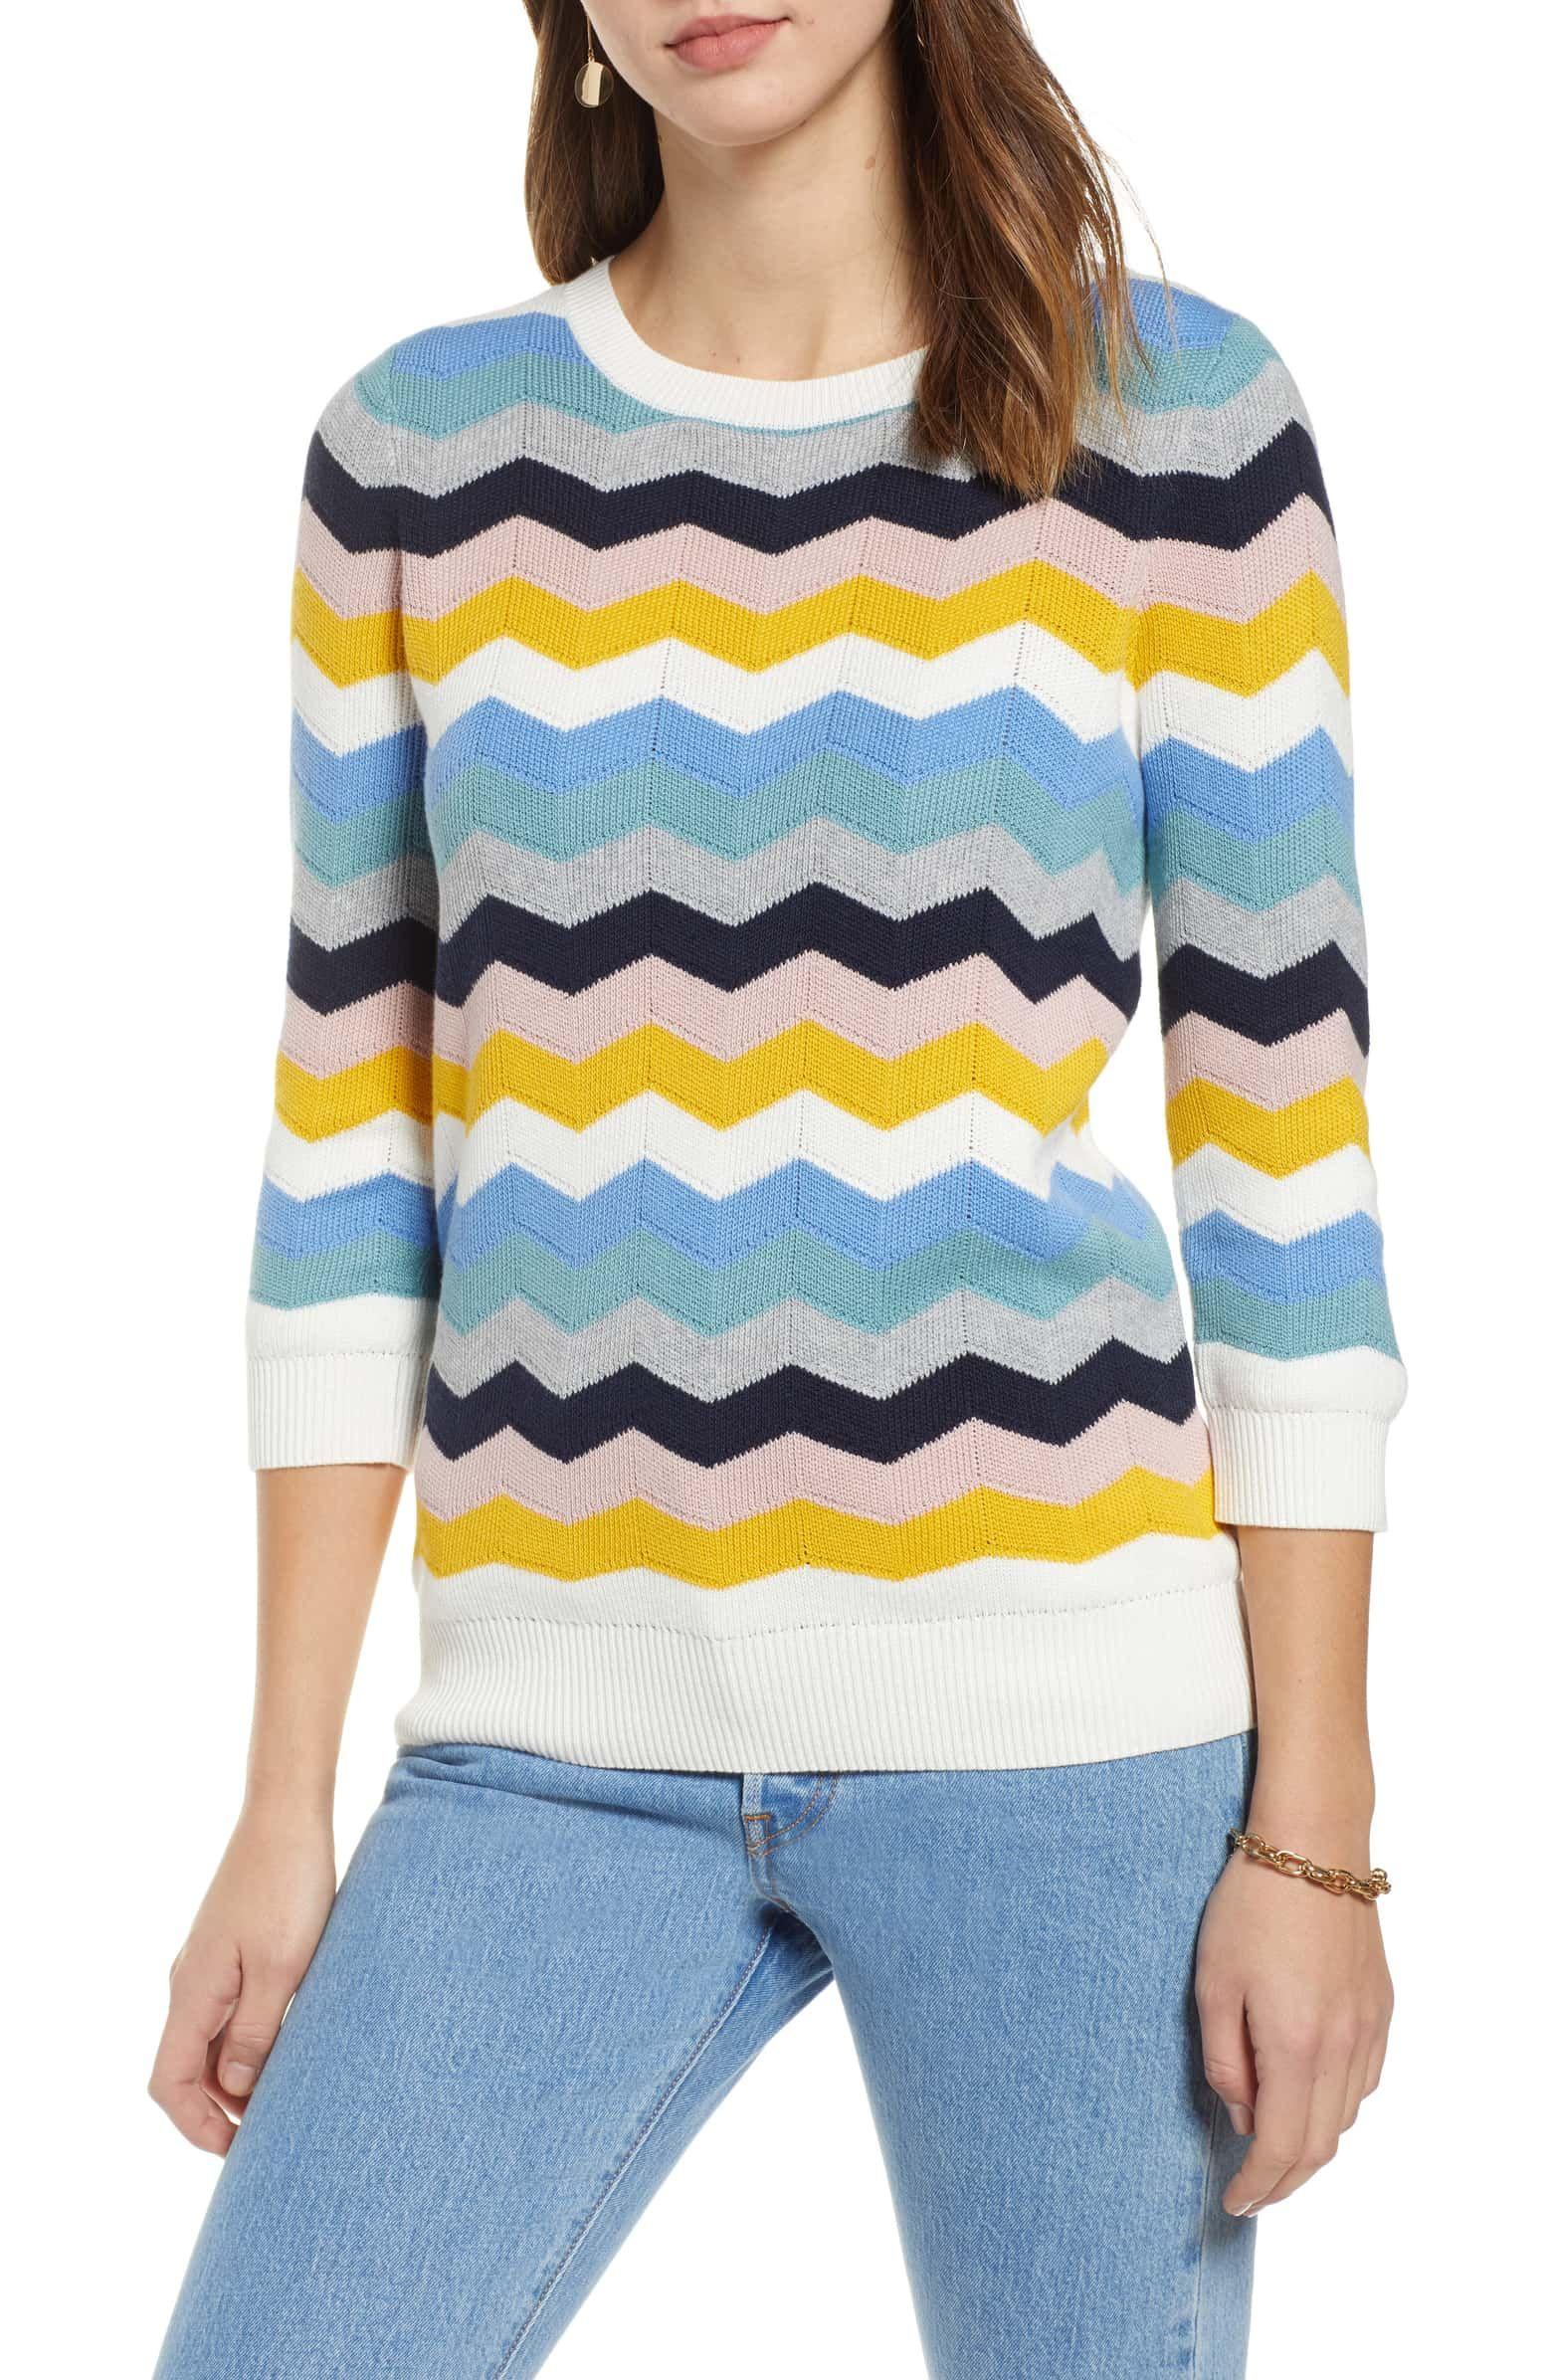 f1cfc3862ff478 Chevron Jacquard Sweater, Main, color, BLUE MULTI CHEVRON PATTERN ...